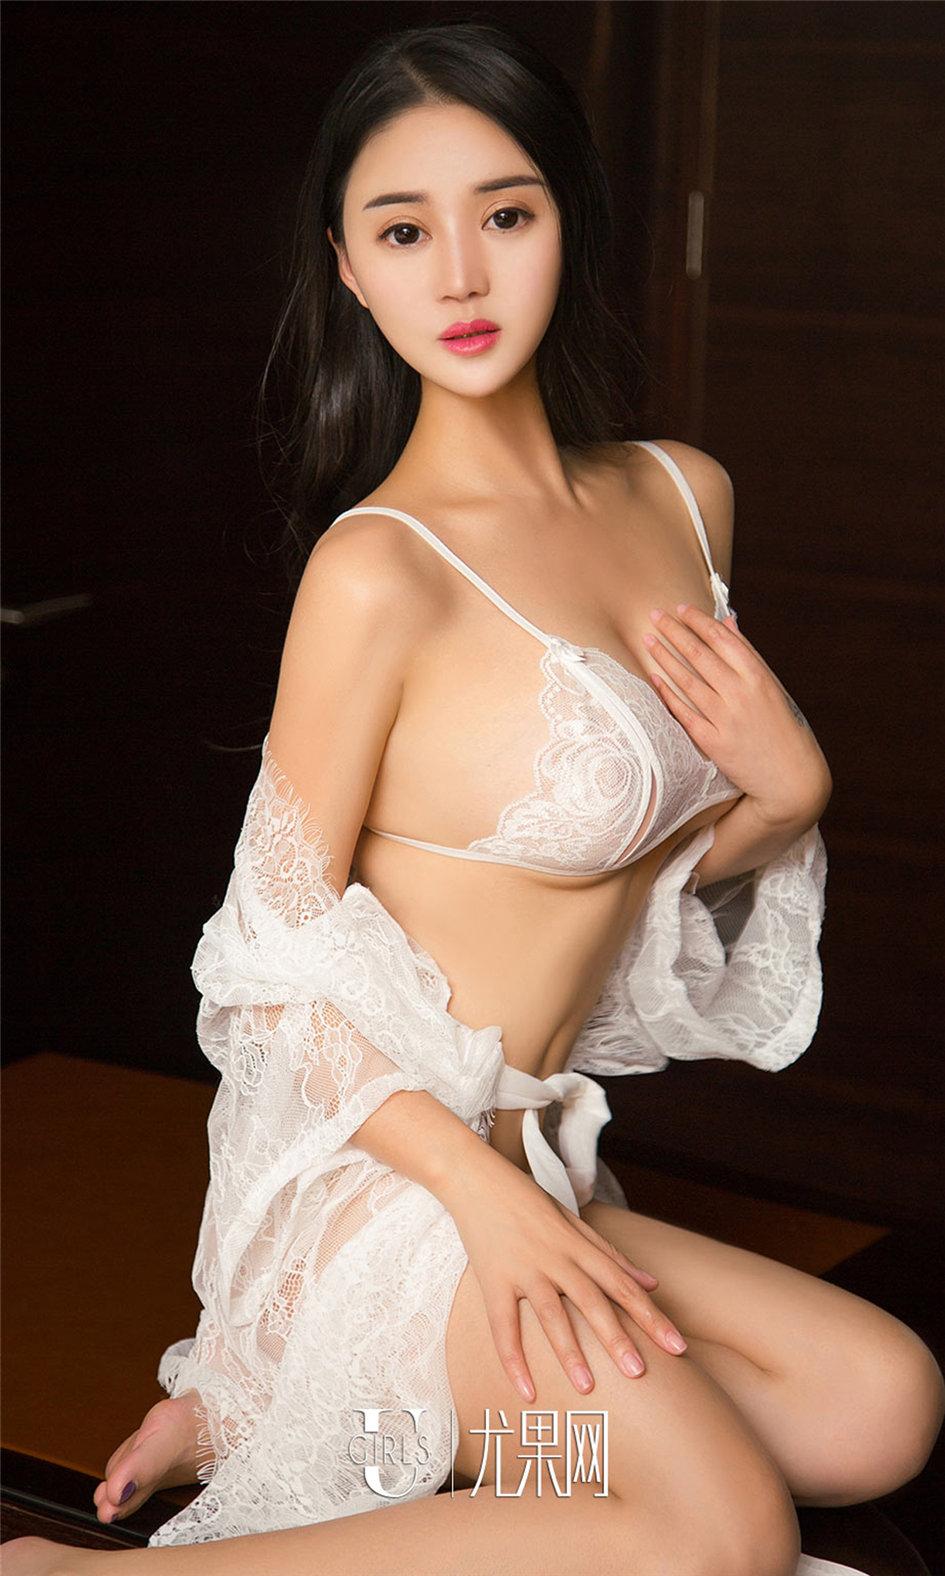 [ugirls尤果网] 圆润饱满的美乳性感美女金儿私房照图片